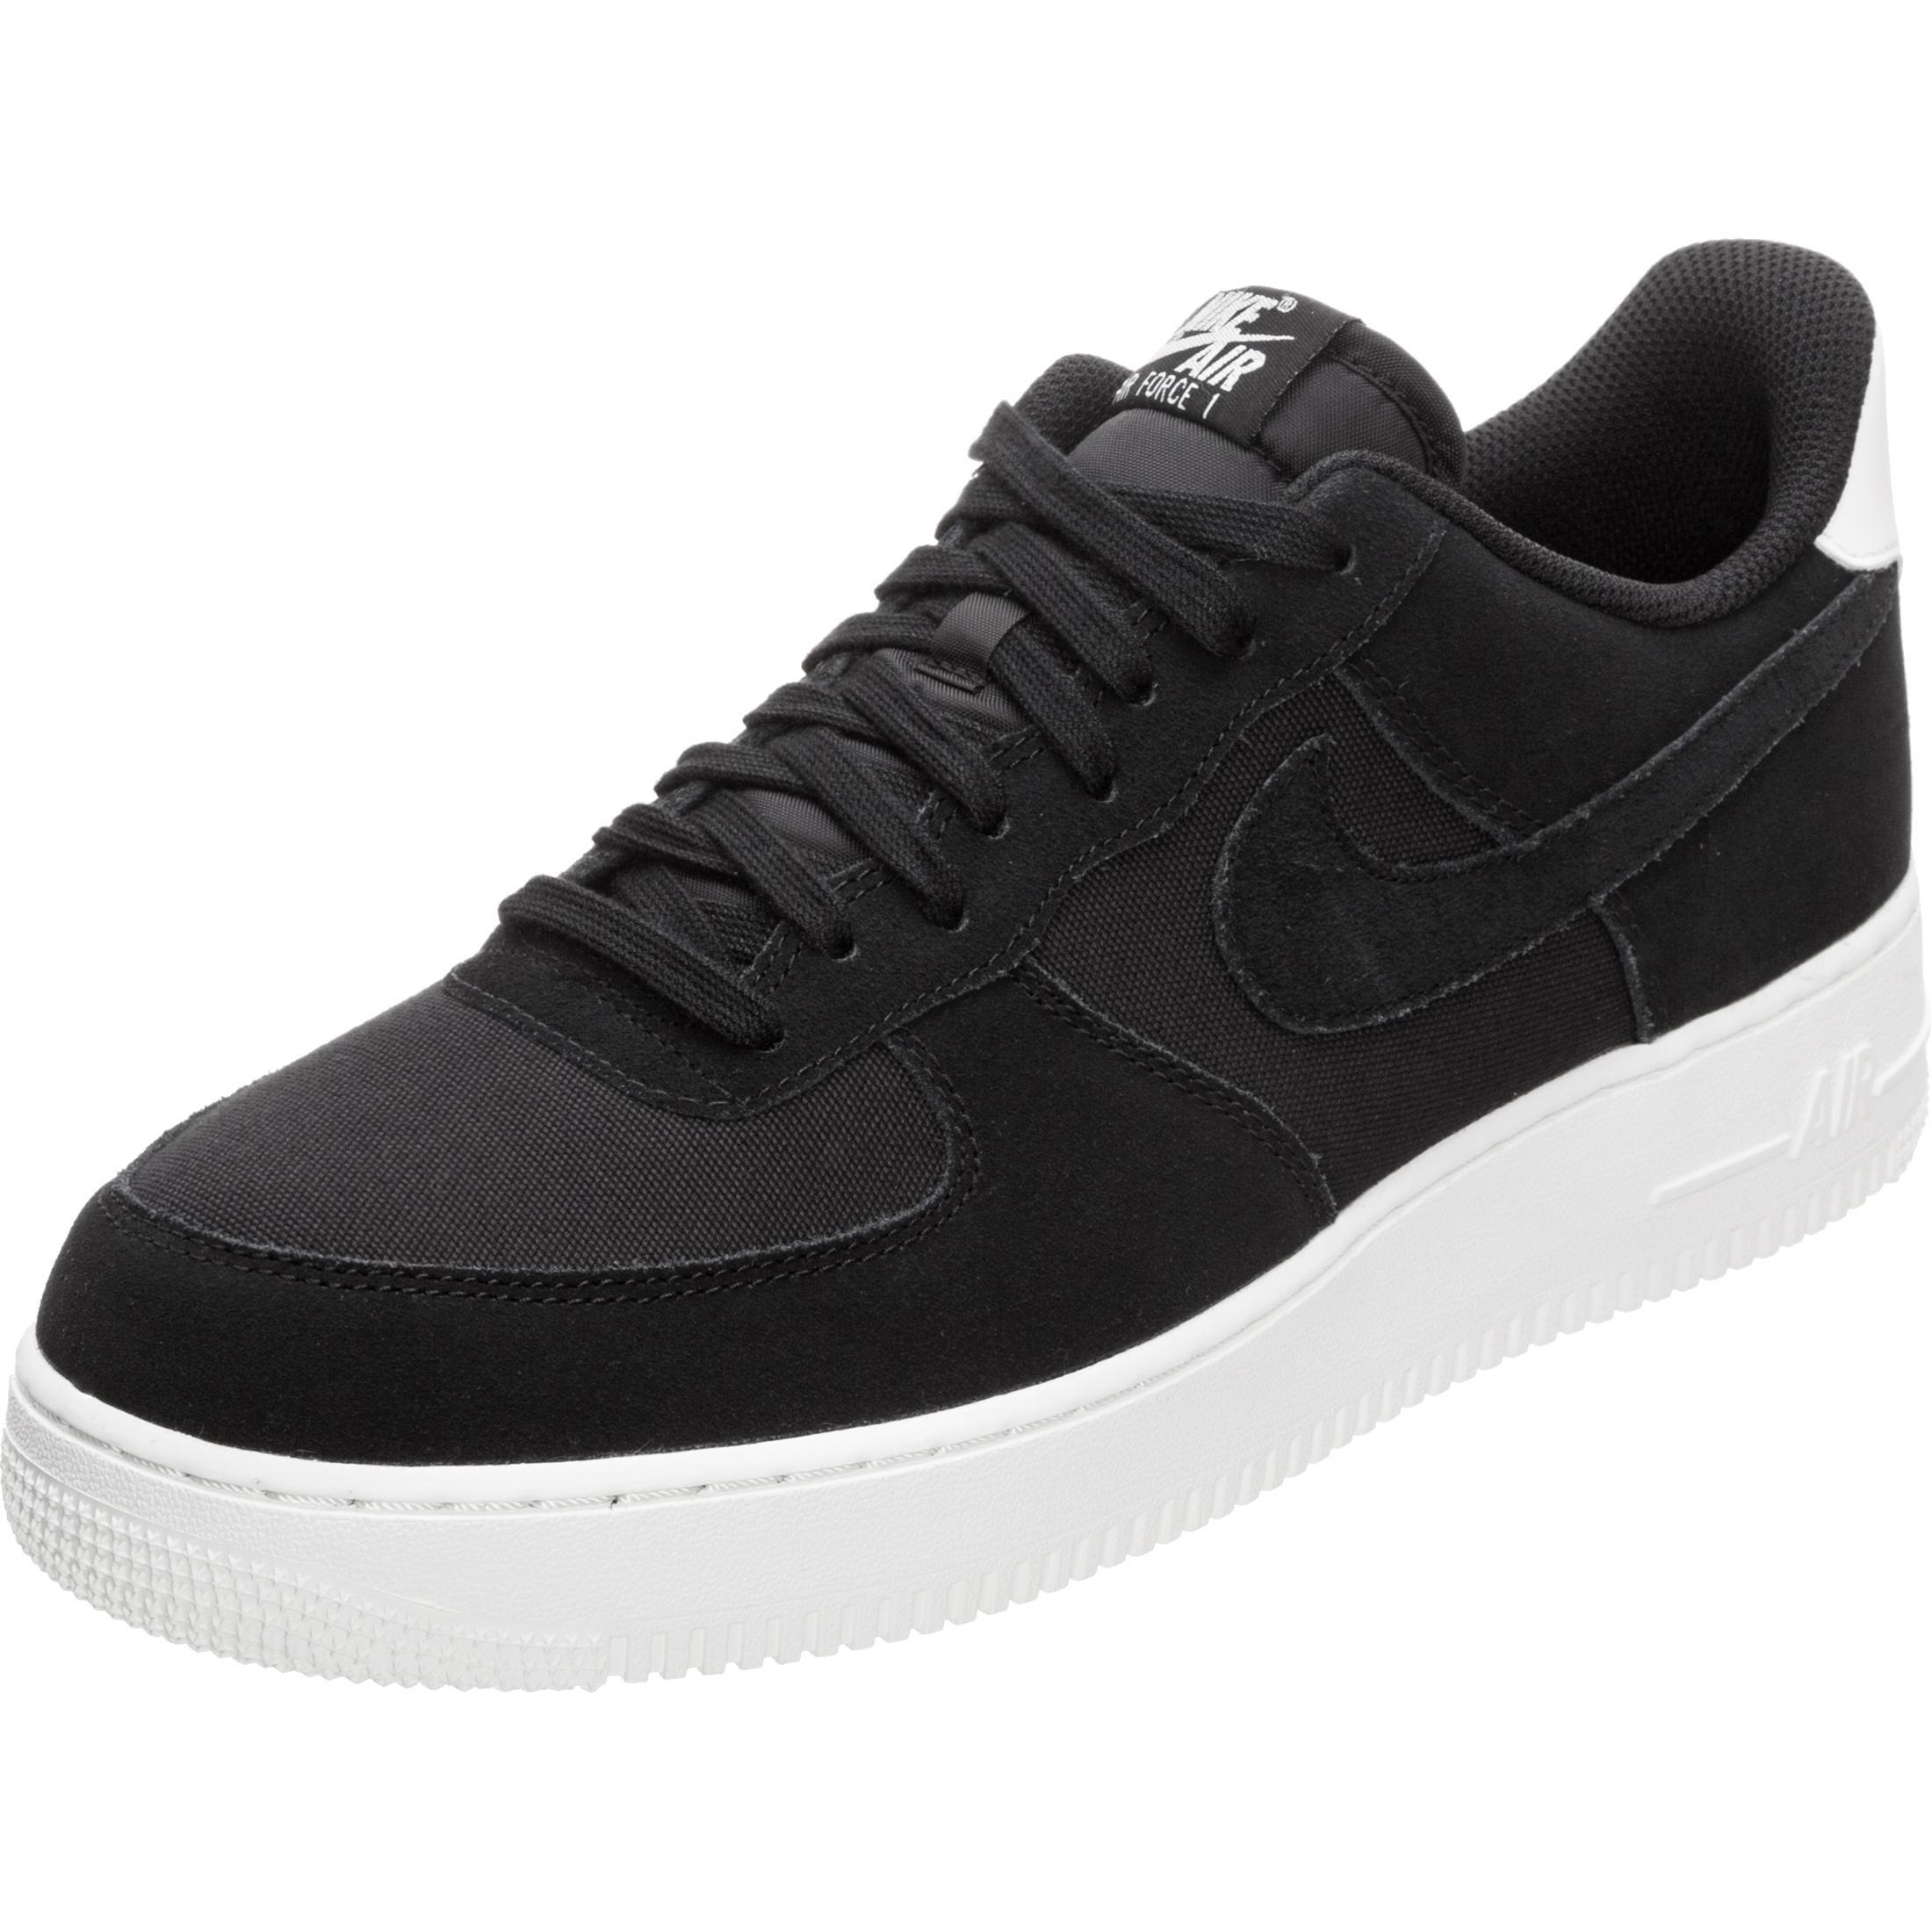 2019 original zur Freigabe auswählen sehen Nike Air Force 1 '07 Suede Sneaker Herren schwarz / weiß im Online Shop von  SportScheck kaufen